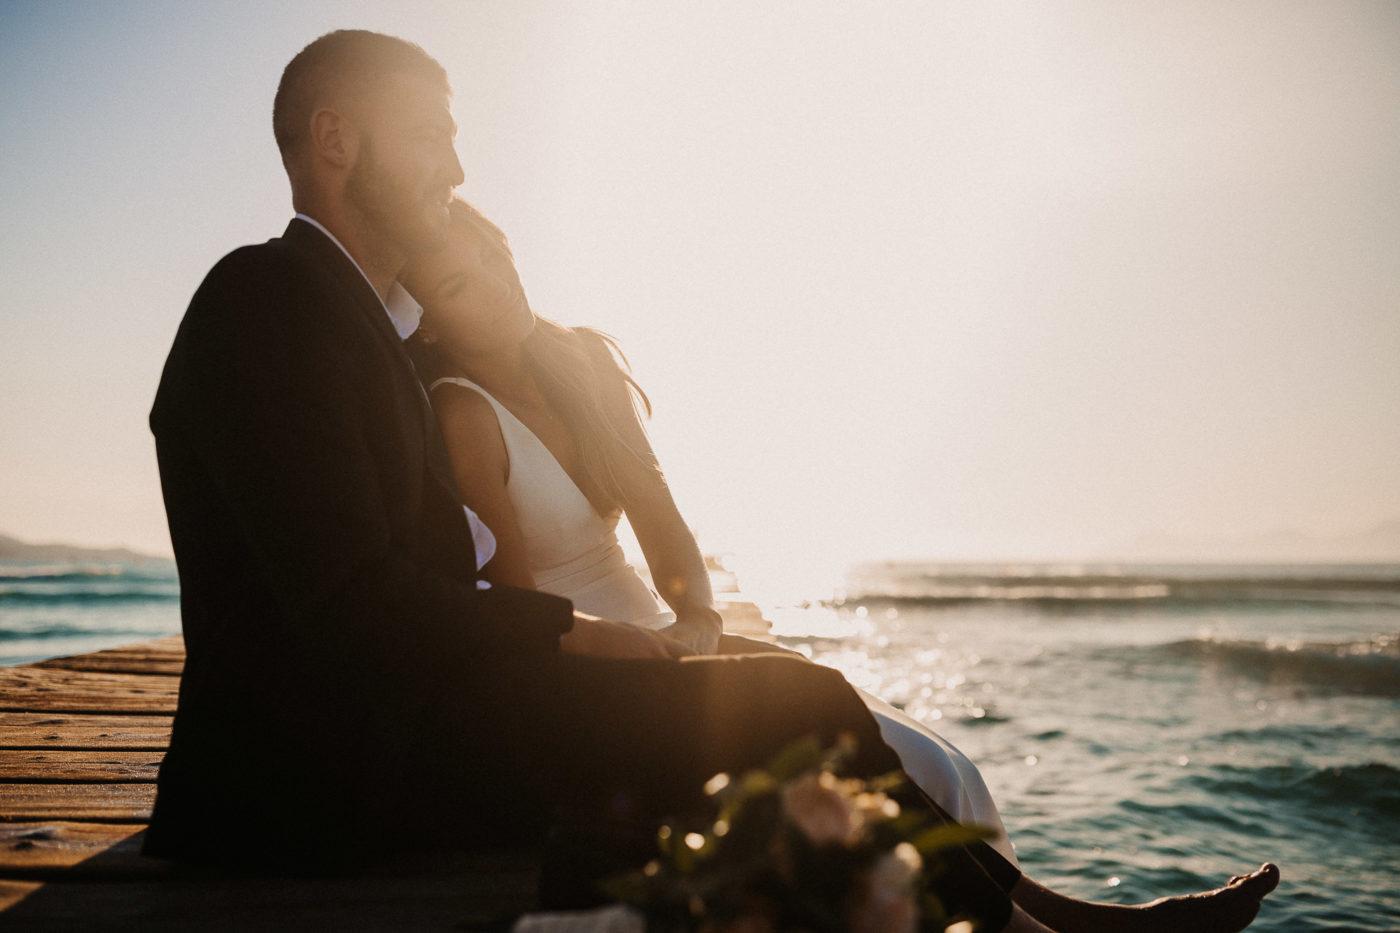 Kuschelndes Brautpaar auf dem Steg sitzend am Meer